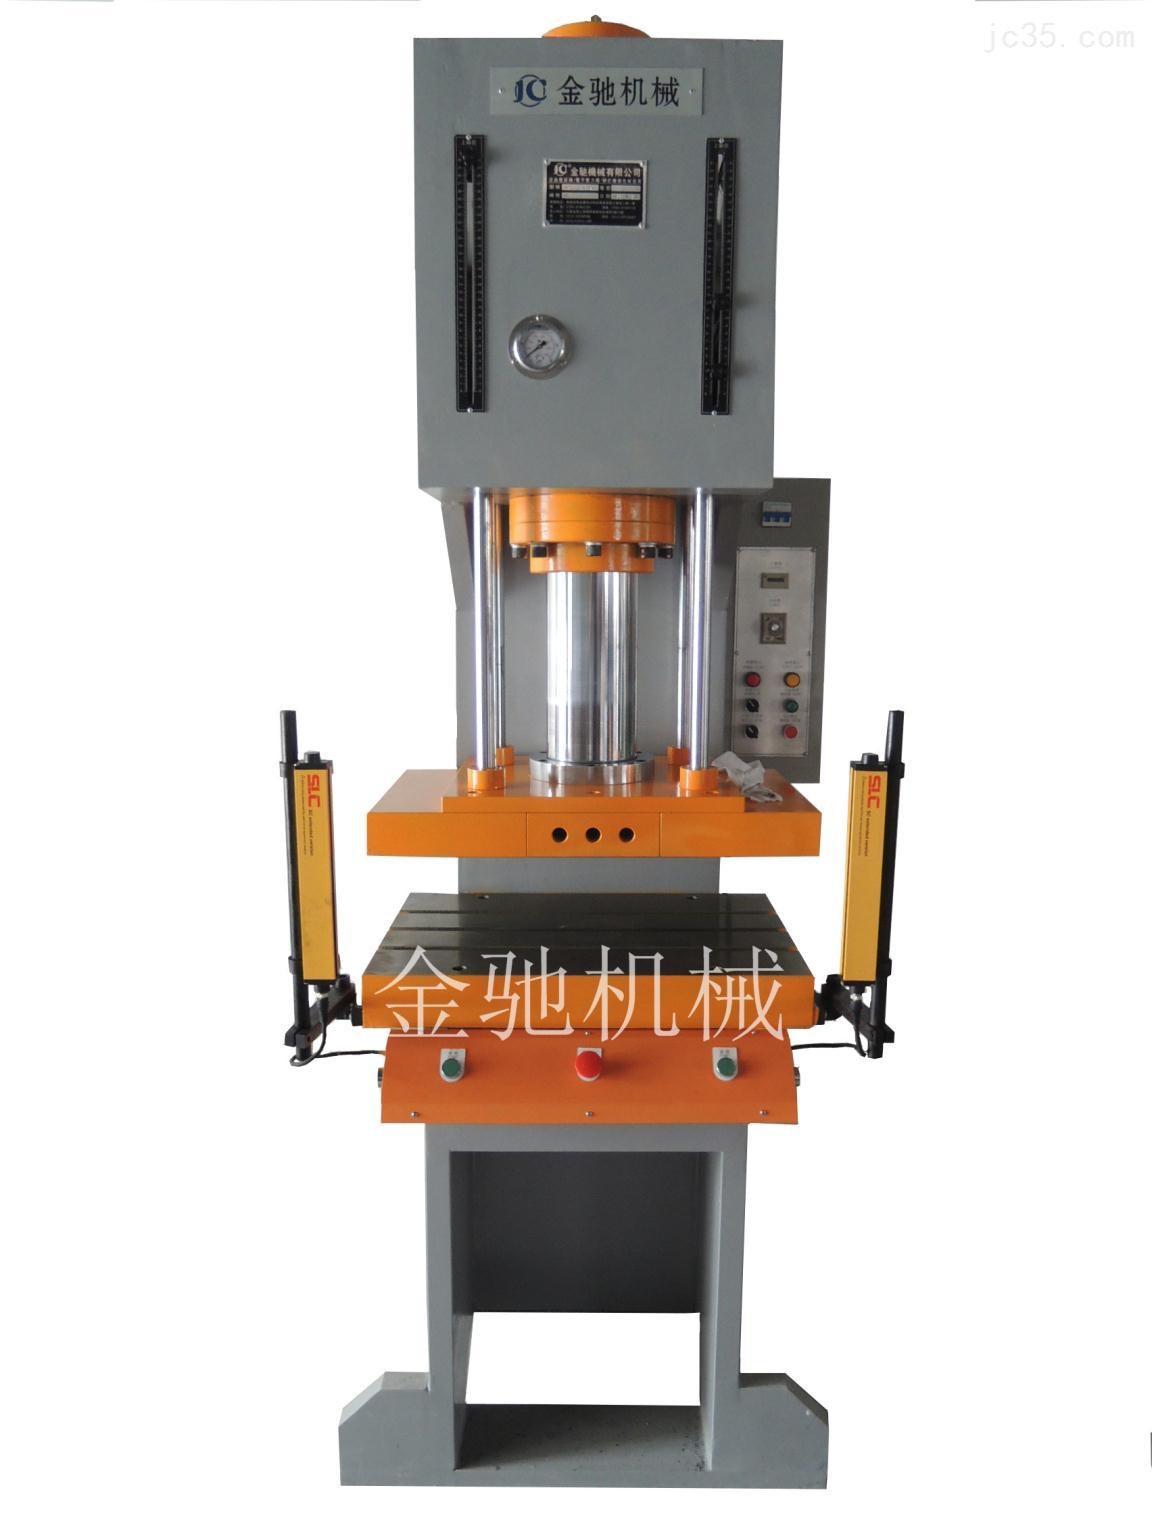 金驰机械专业生产落地式单柱快慢速油压机